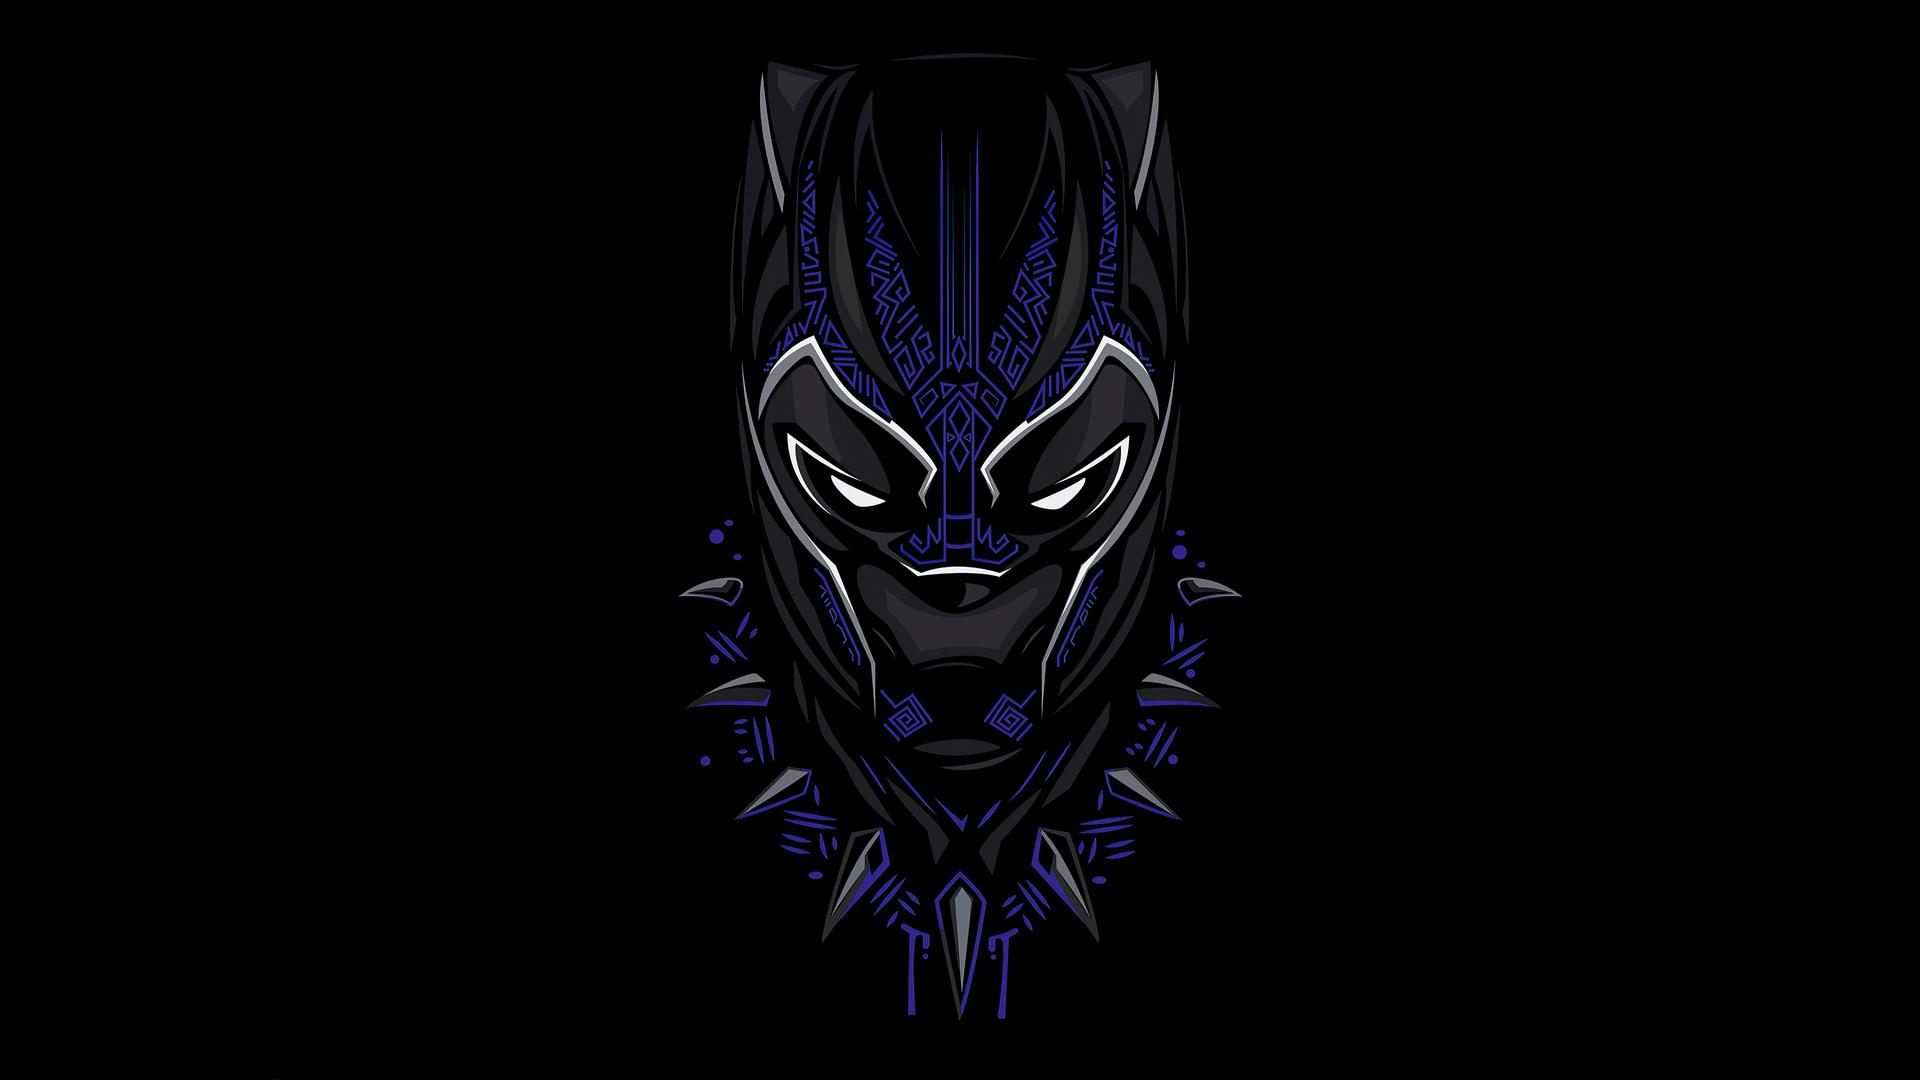 1920x1080 Black Panther 4k Minimalism 2020 Laptop Full HD ...